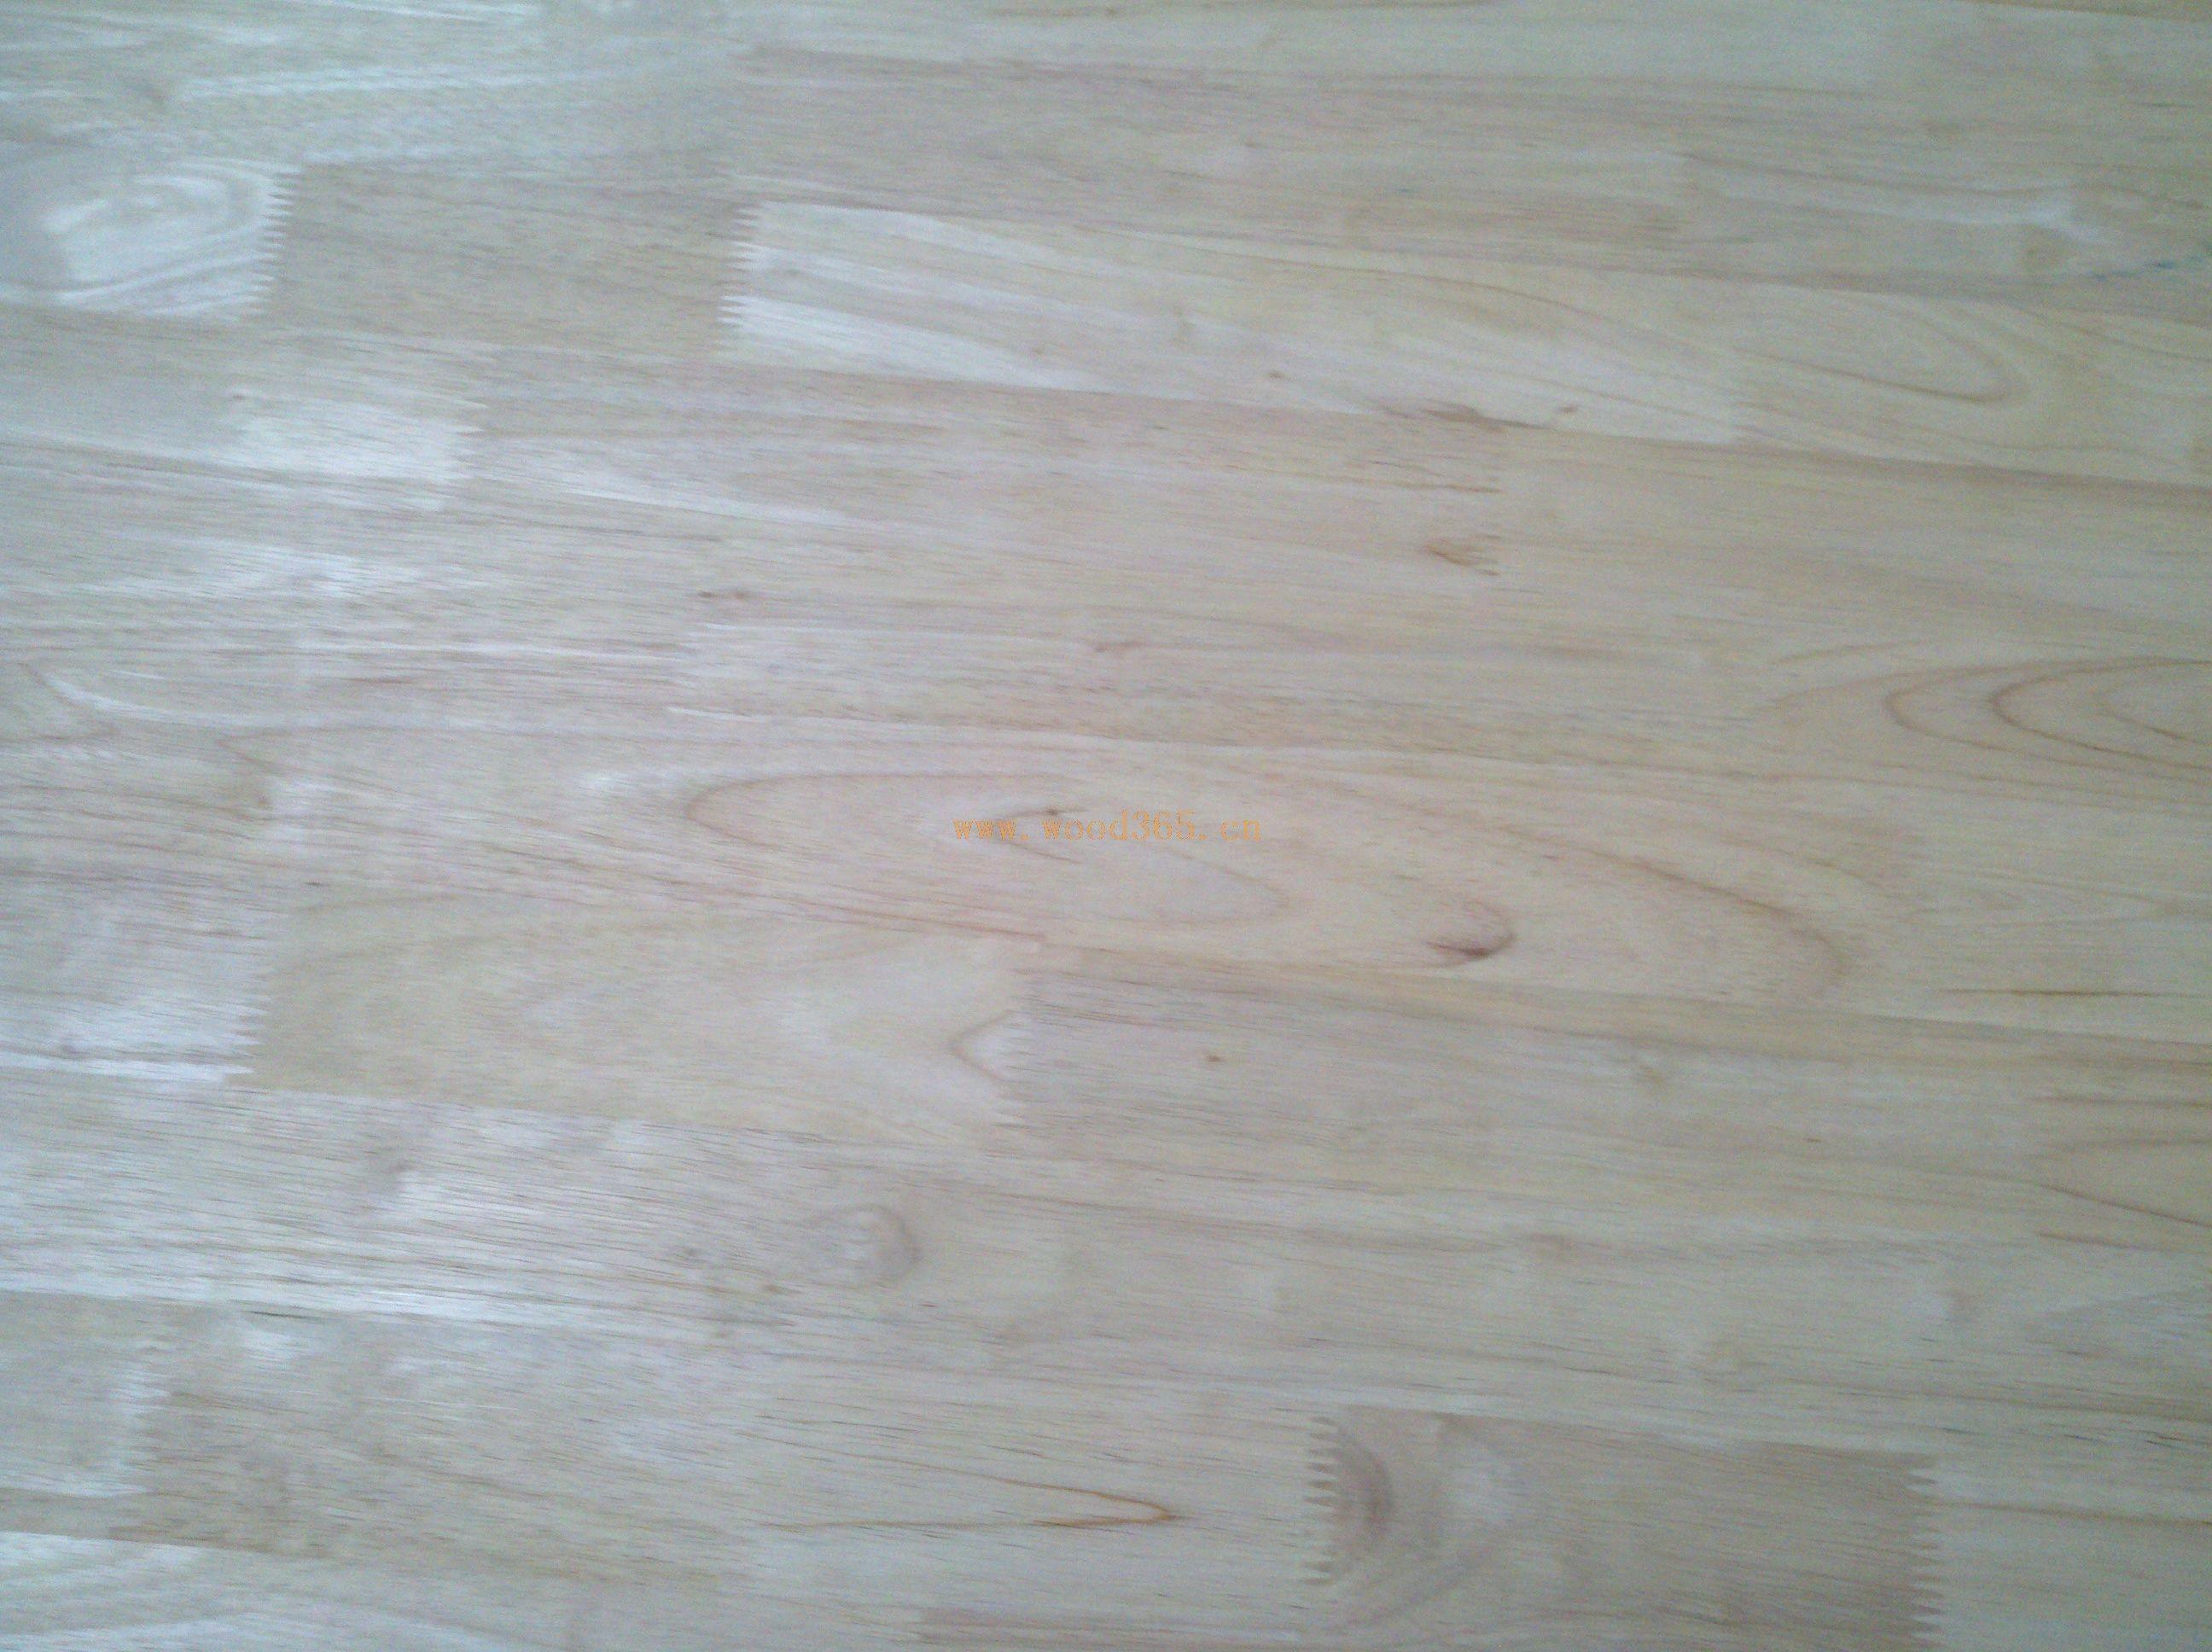 进口泰国橡胶木集成材